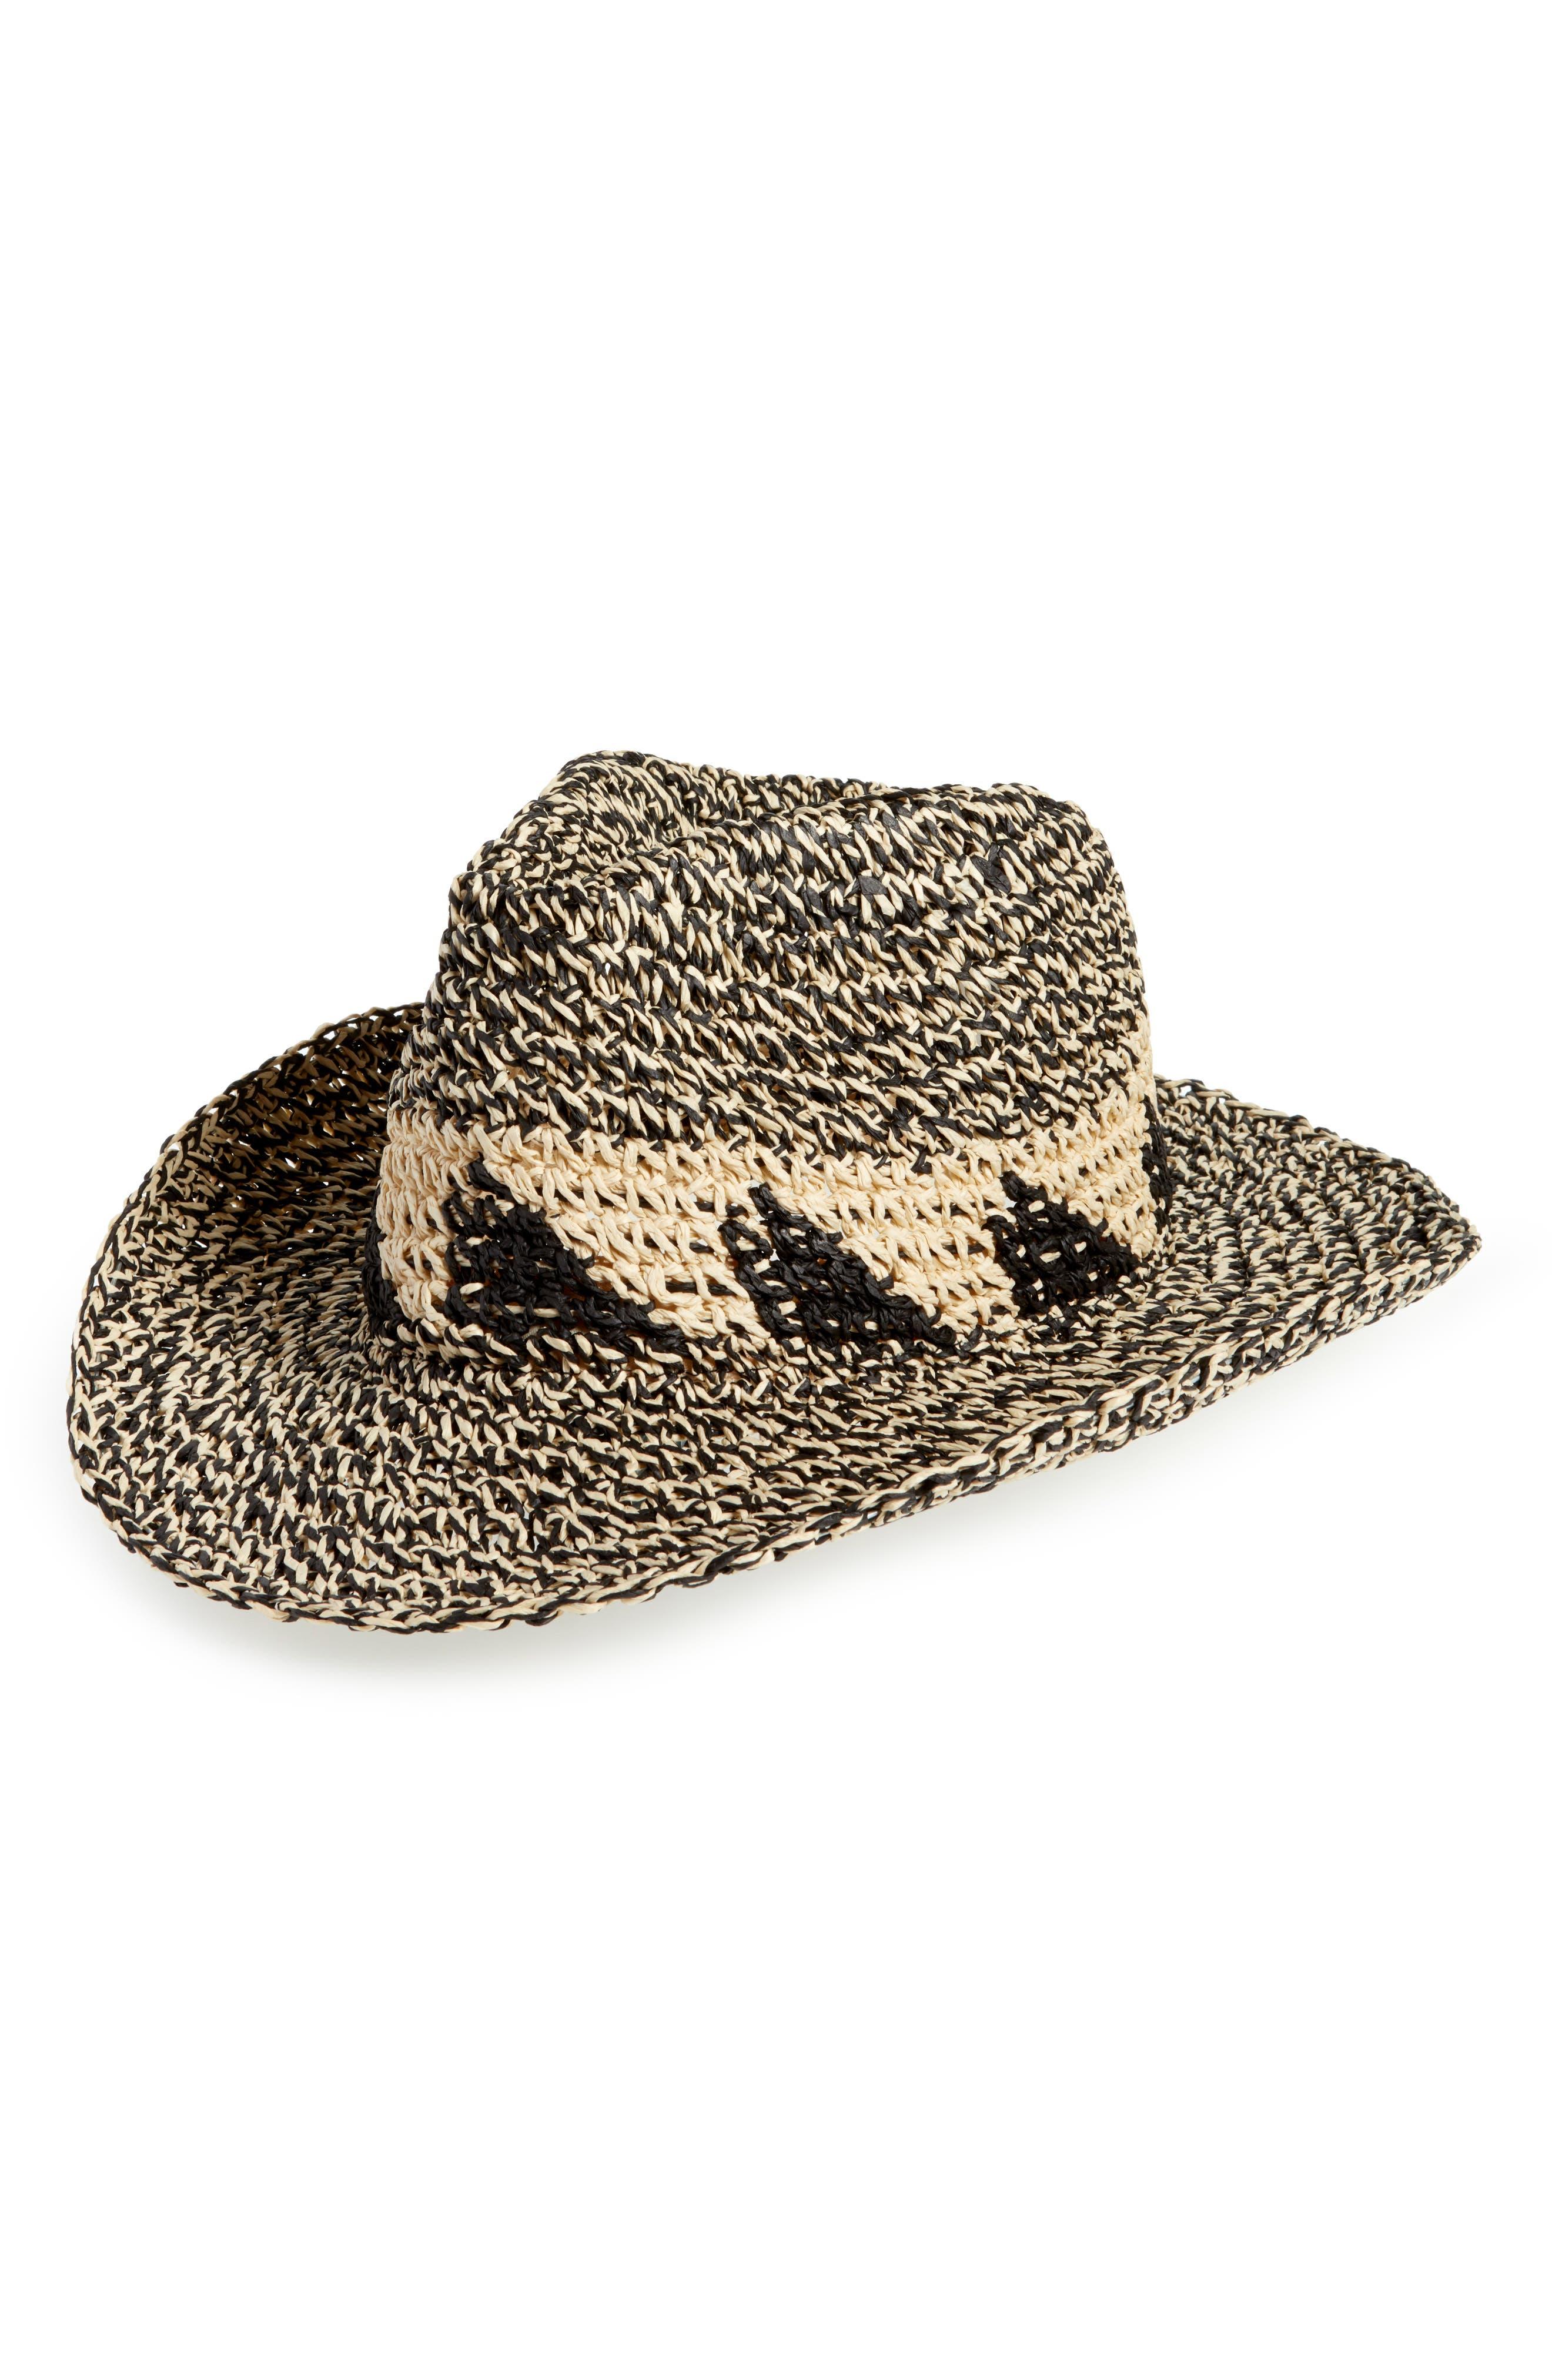 Marled Straw Cowboy Hat,                         Main,                         color, Natural Combo